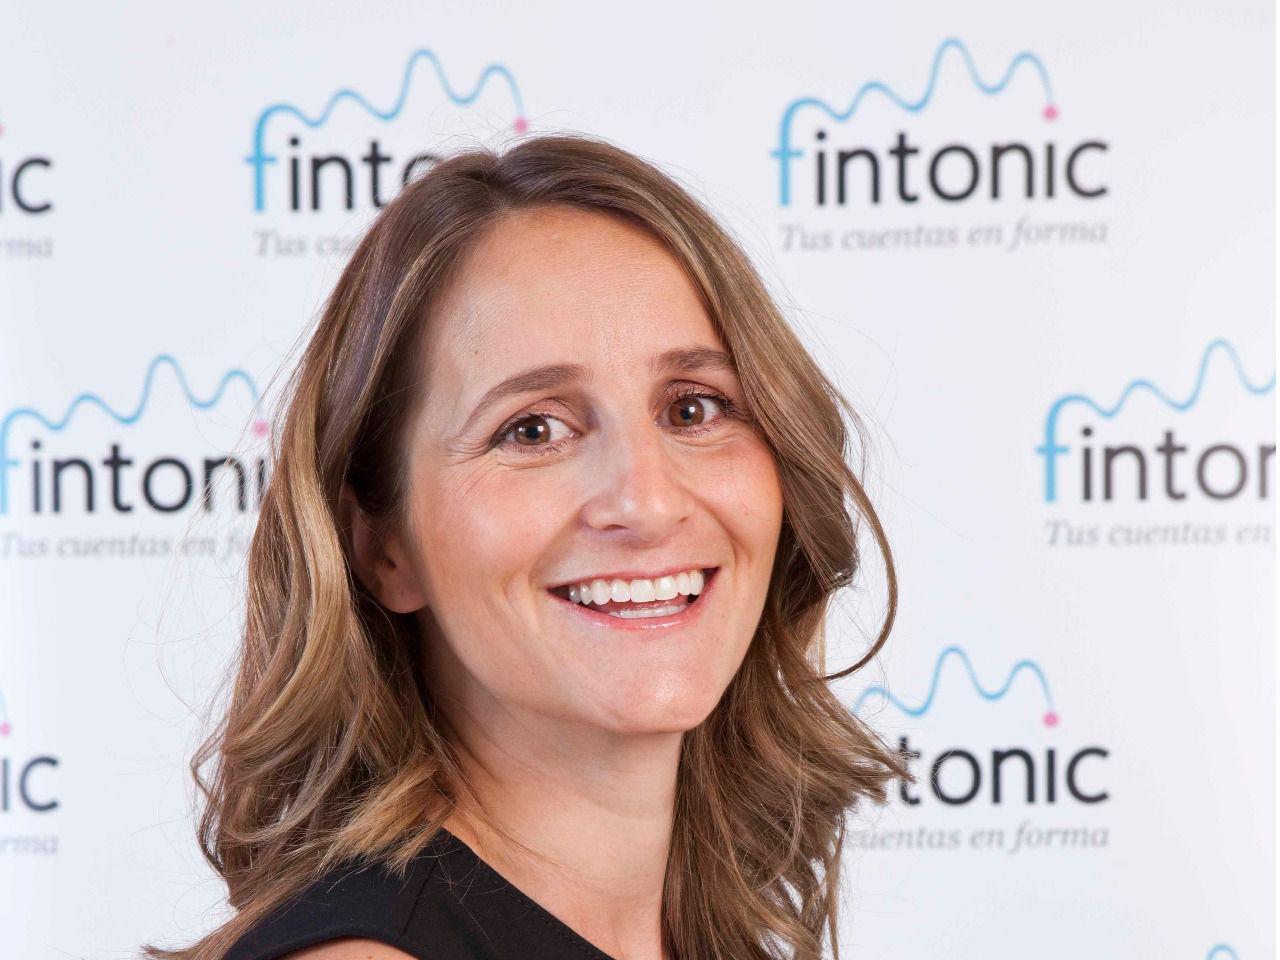 Fintonic, la app gratuita que administra los ahorros